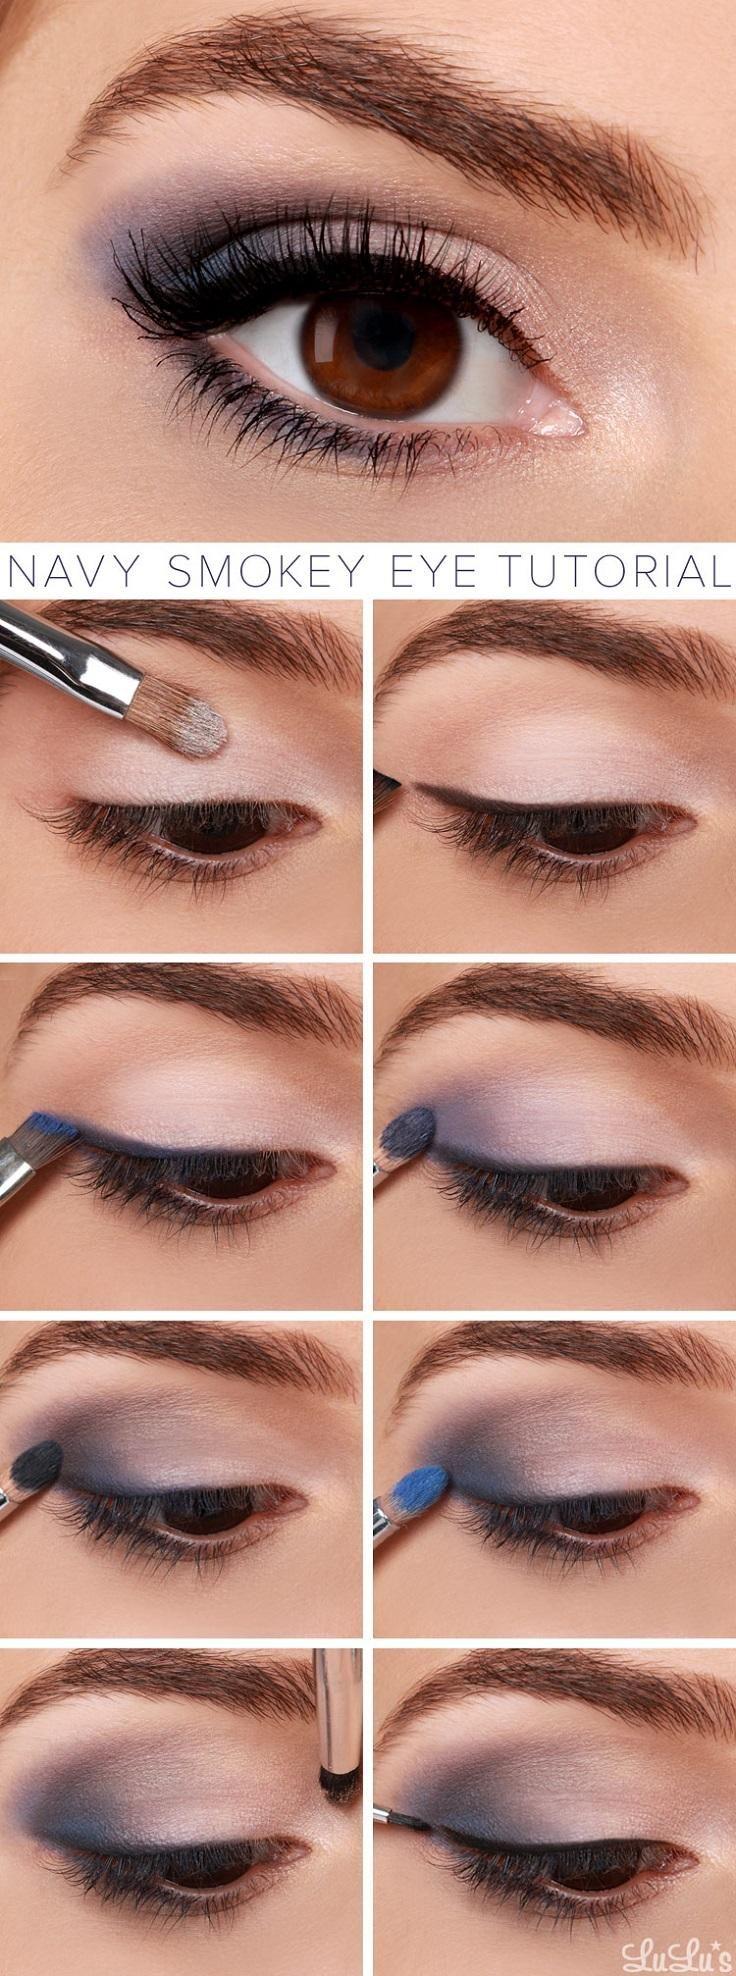 Navy smokey eye tutorial.